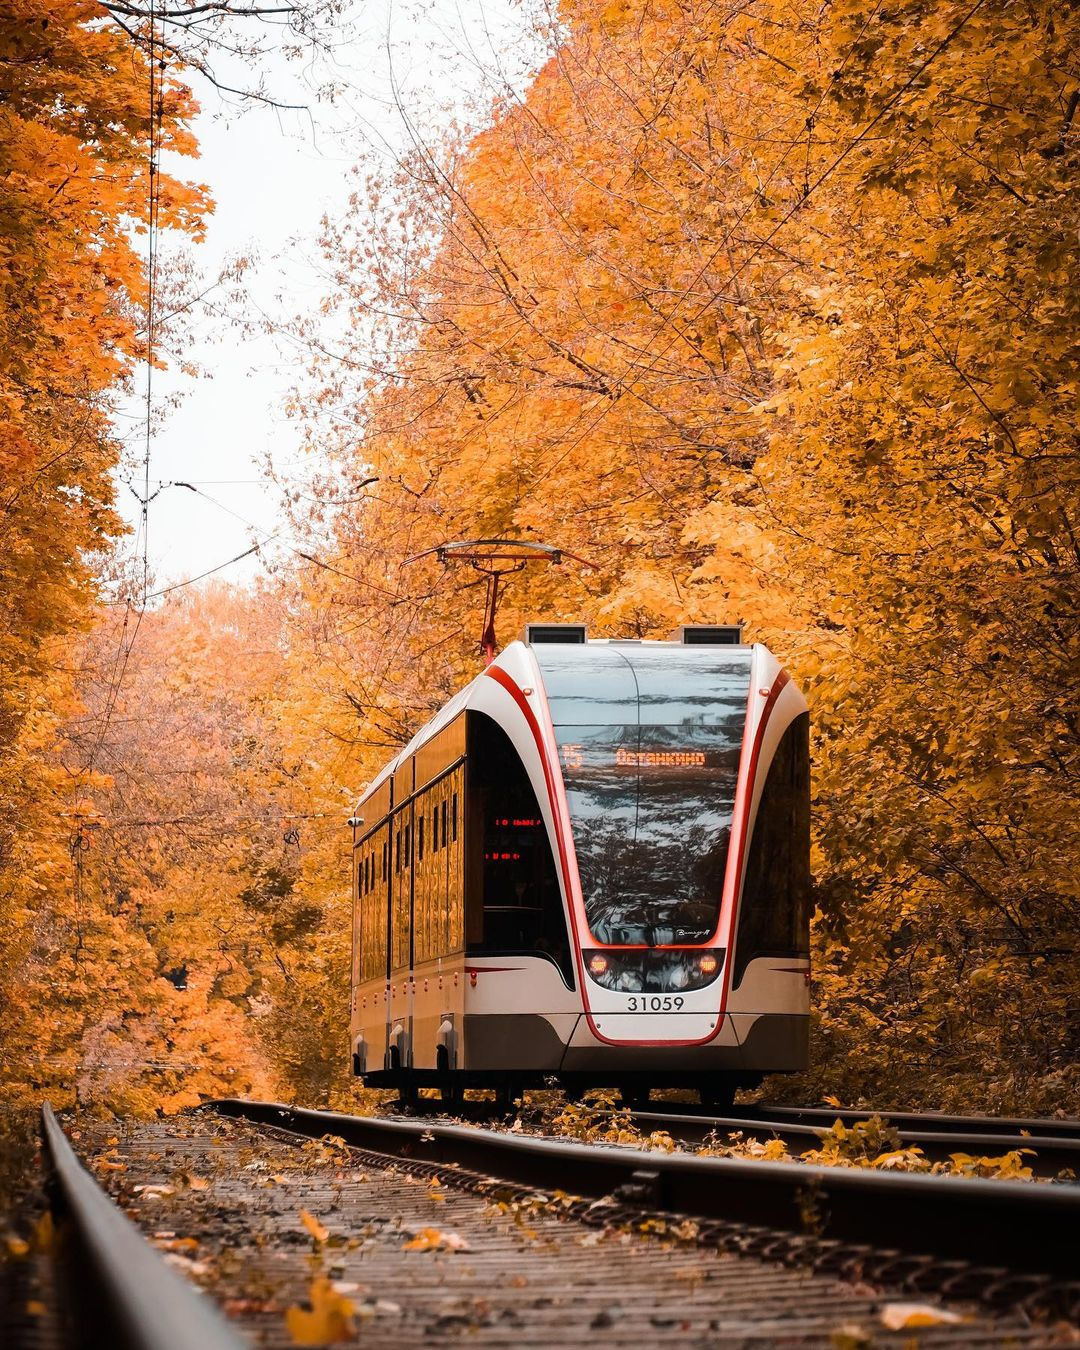 С наступлением осени нас всё чаще отмечают на романтических кадрах с участием единственного главного героя - трамвая, который гордо каждый день исполняет свою работу и доставляет людей в нужные им точки